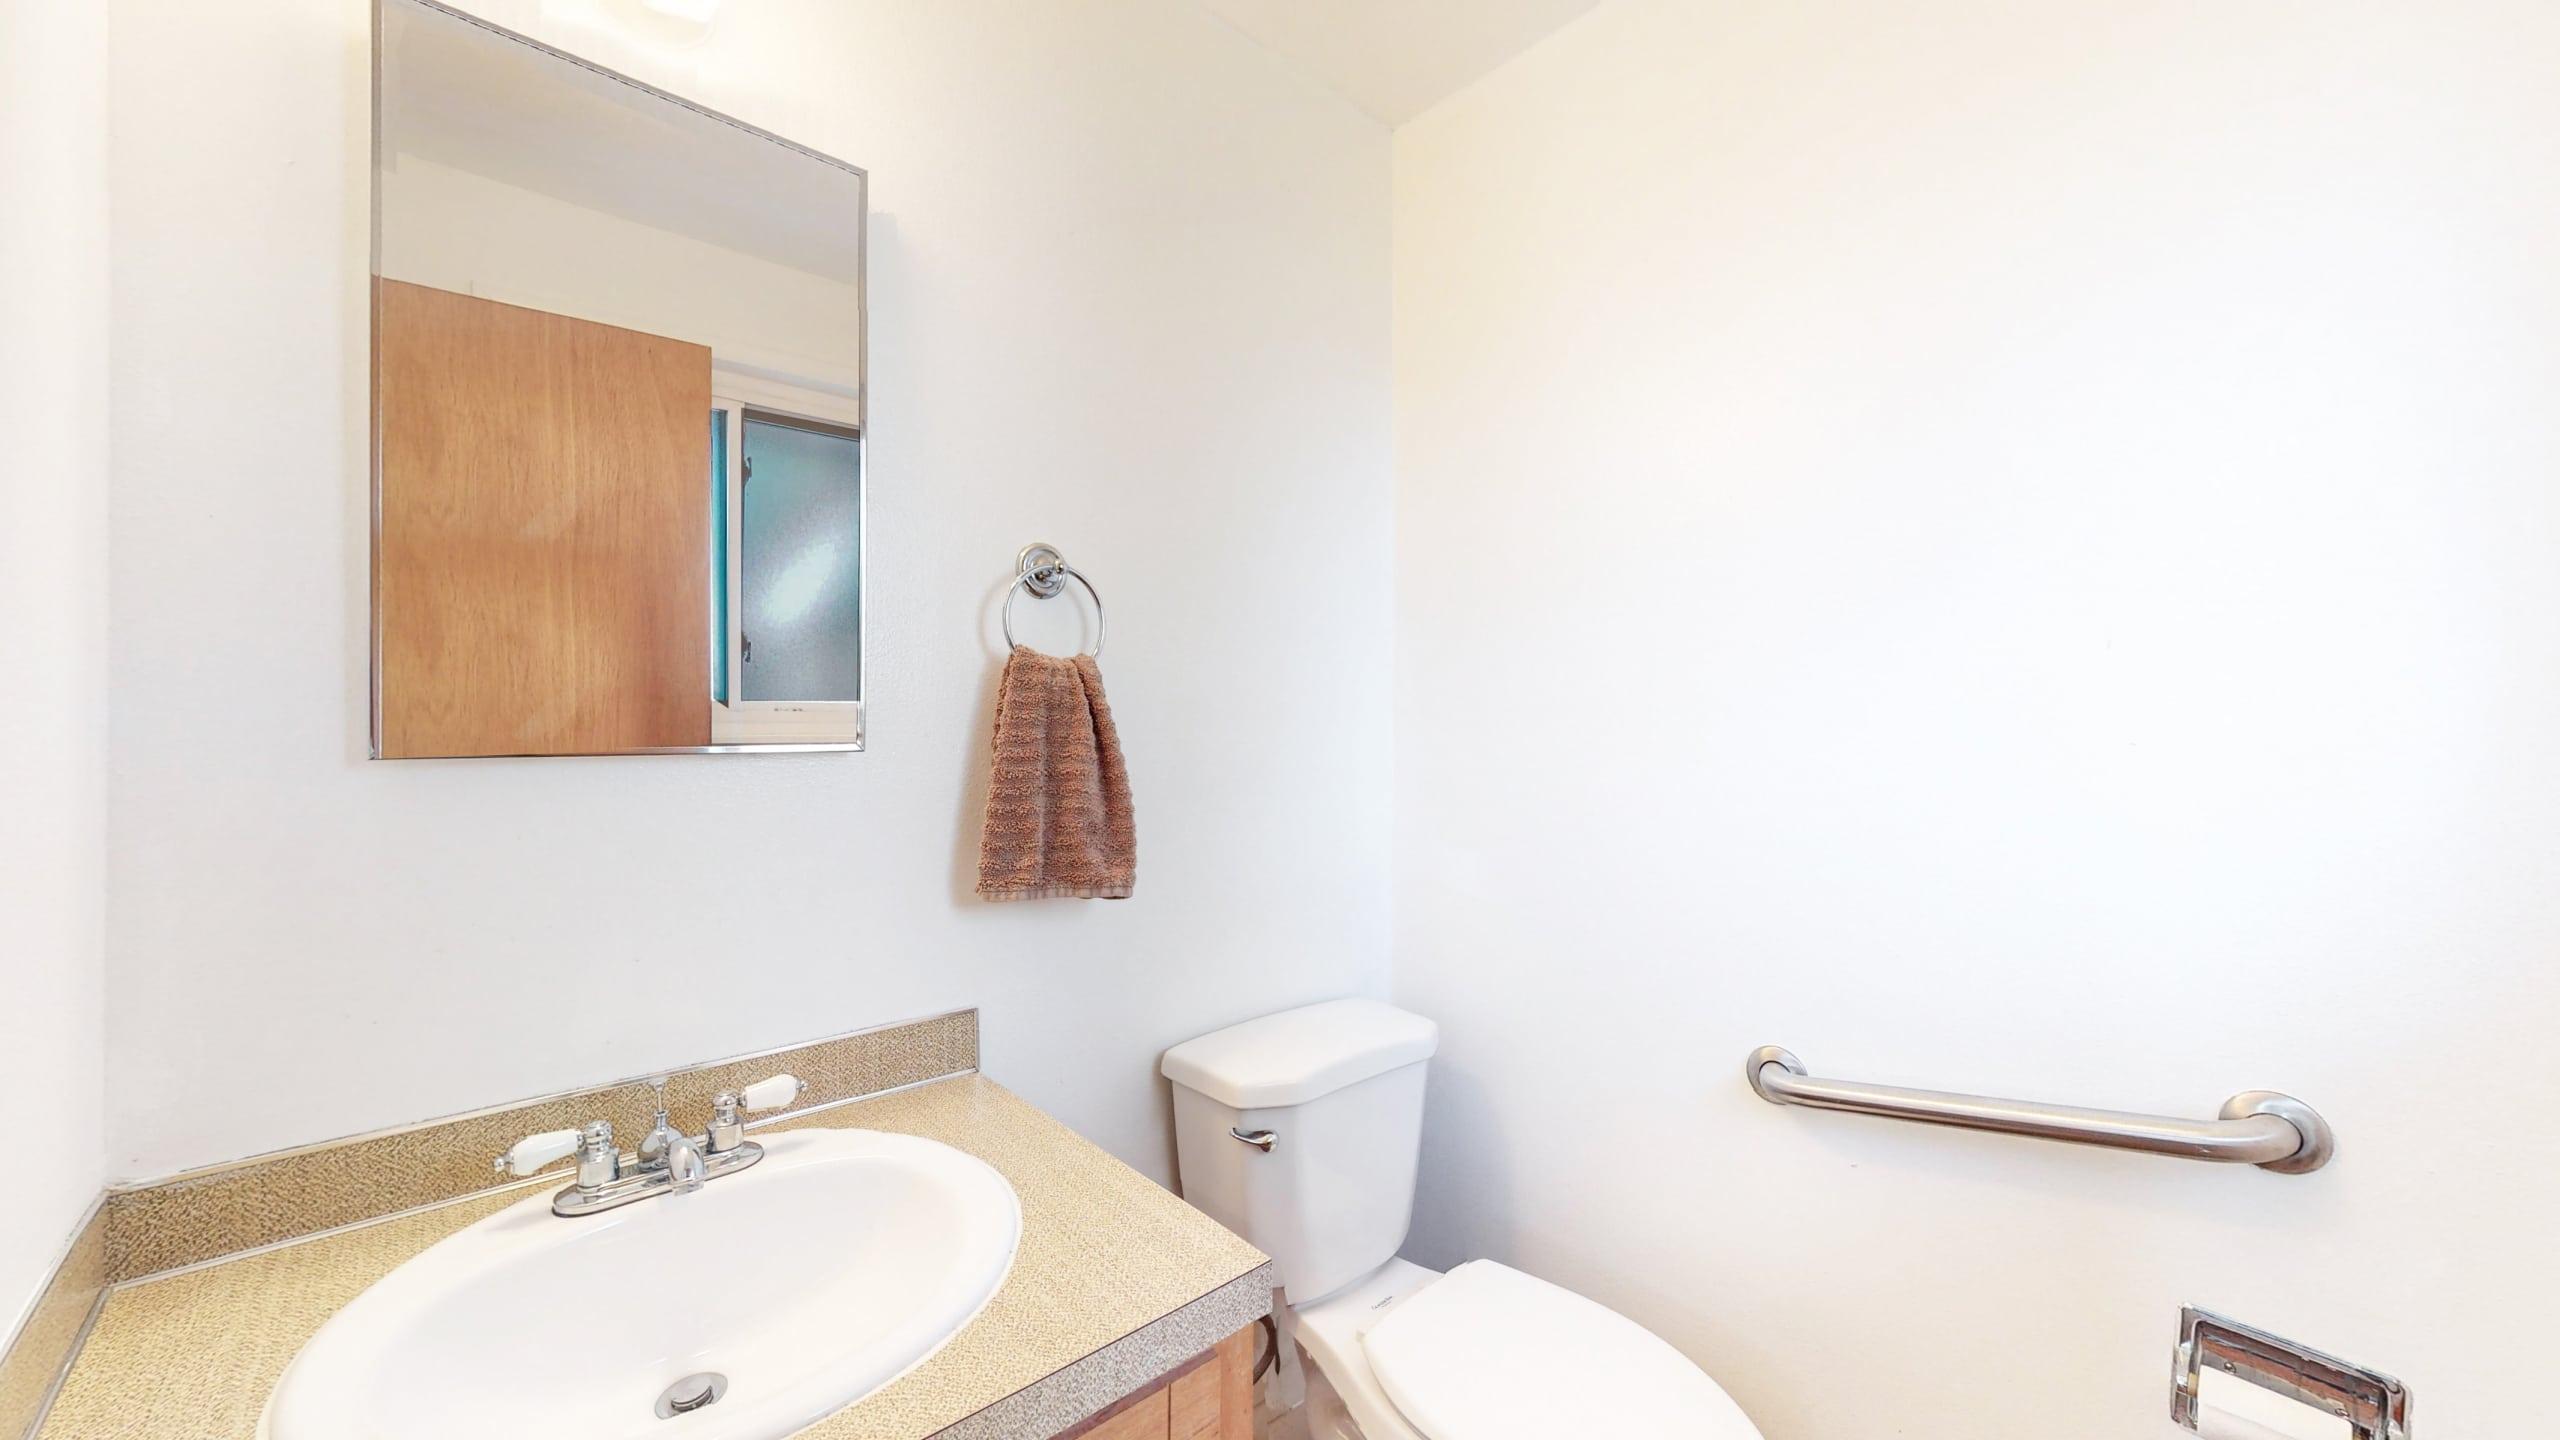 Arvada Home For Sale, Upper Master Bath, Retro, Laminate Counters